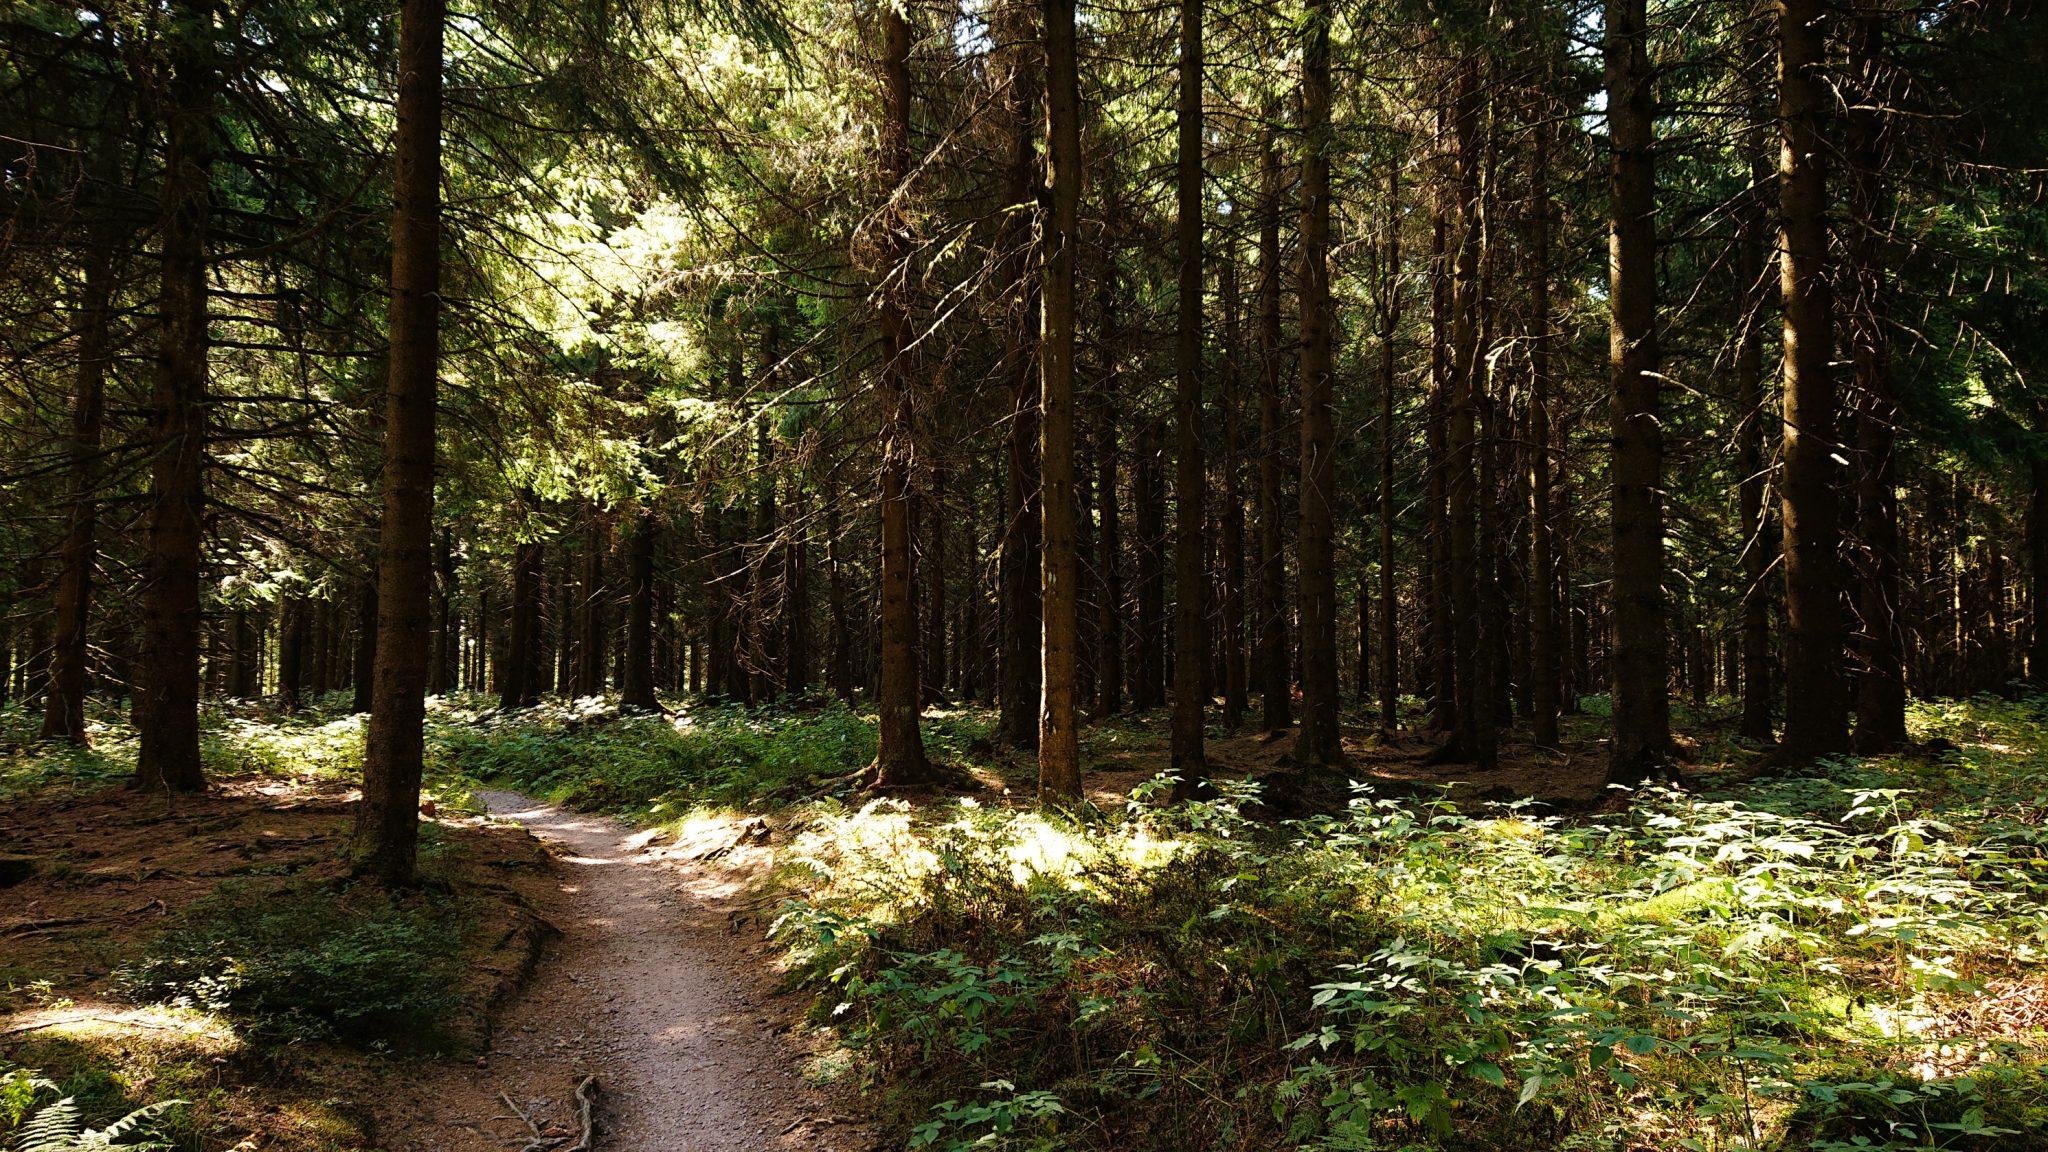 Großer Beerberg Schneekopf und Teufelskanzel, Gipfeltour Wanderung im Thüringer Wald, schöner Wanderweg durch Wald